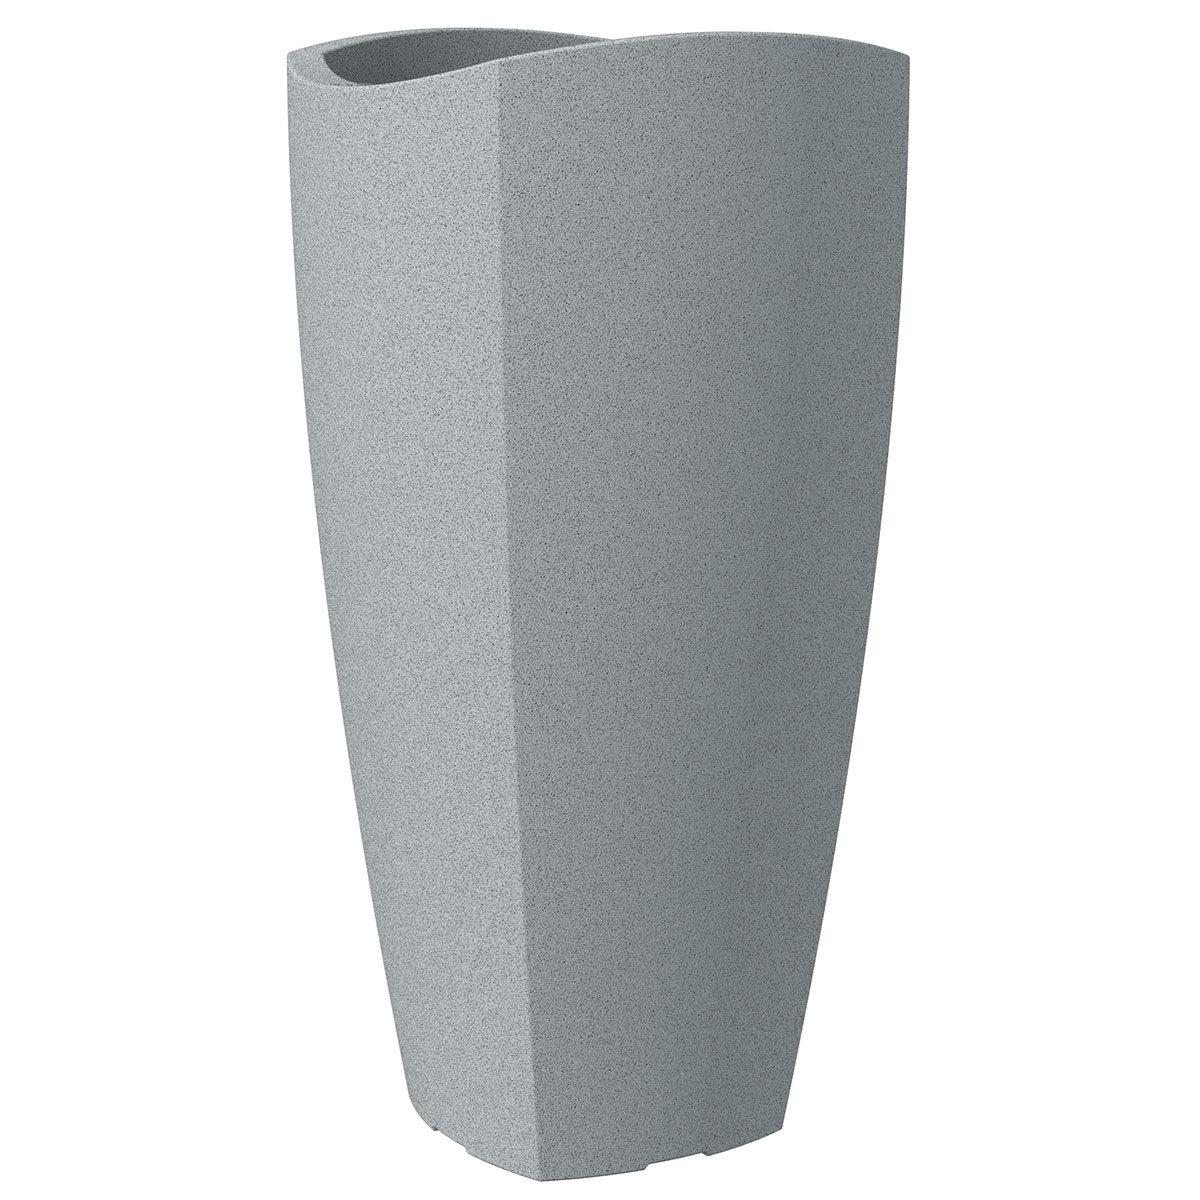 Pflanzkübel Wave High Cubo, 30x60 cm, Stony Grey